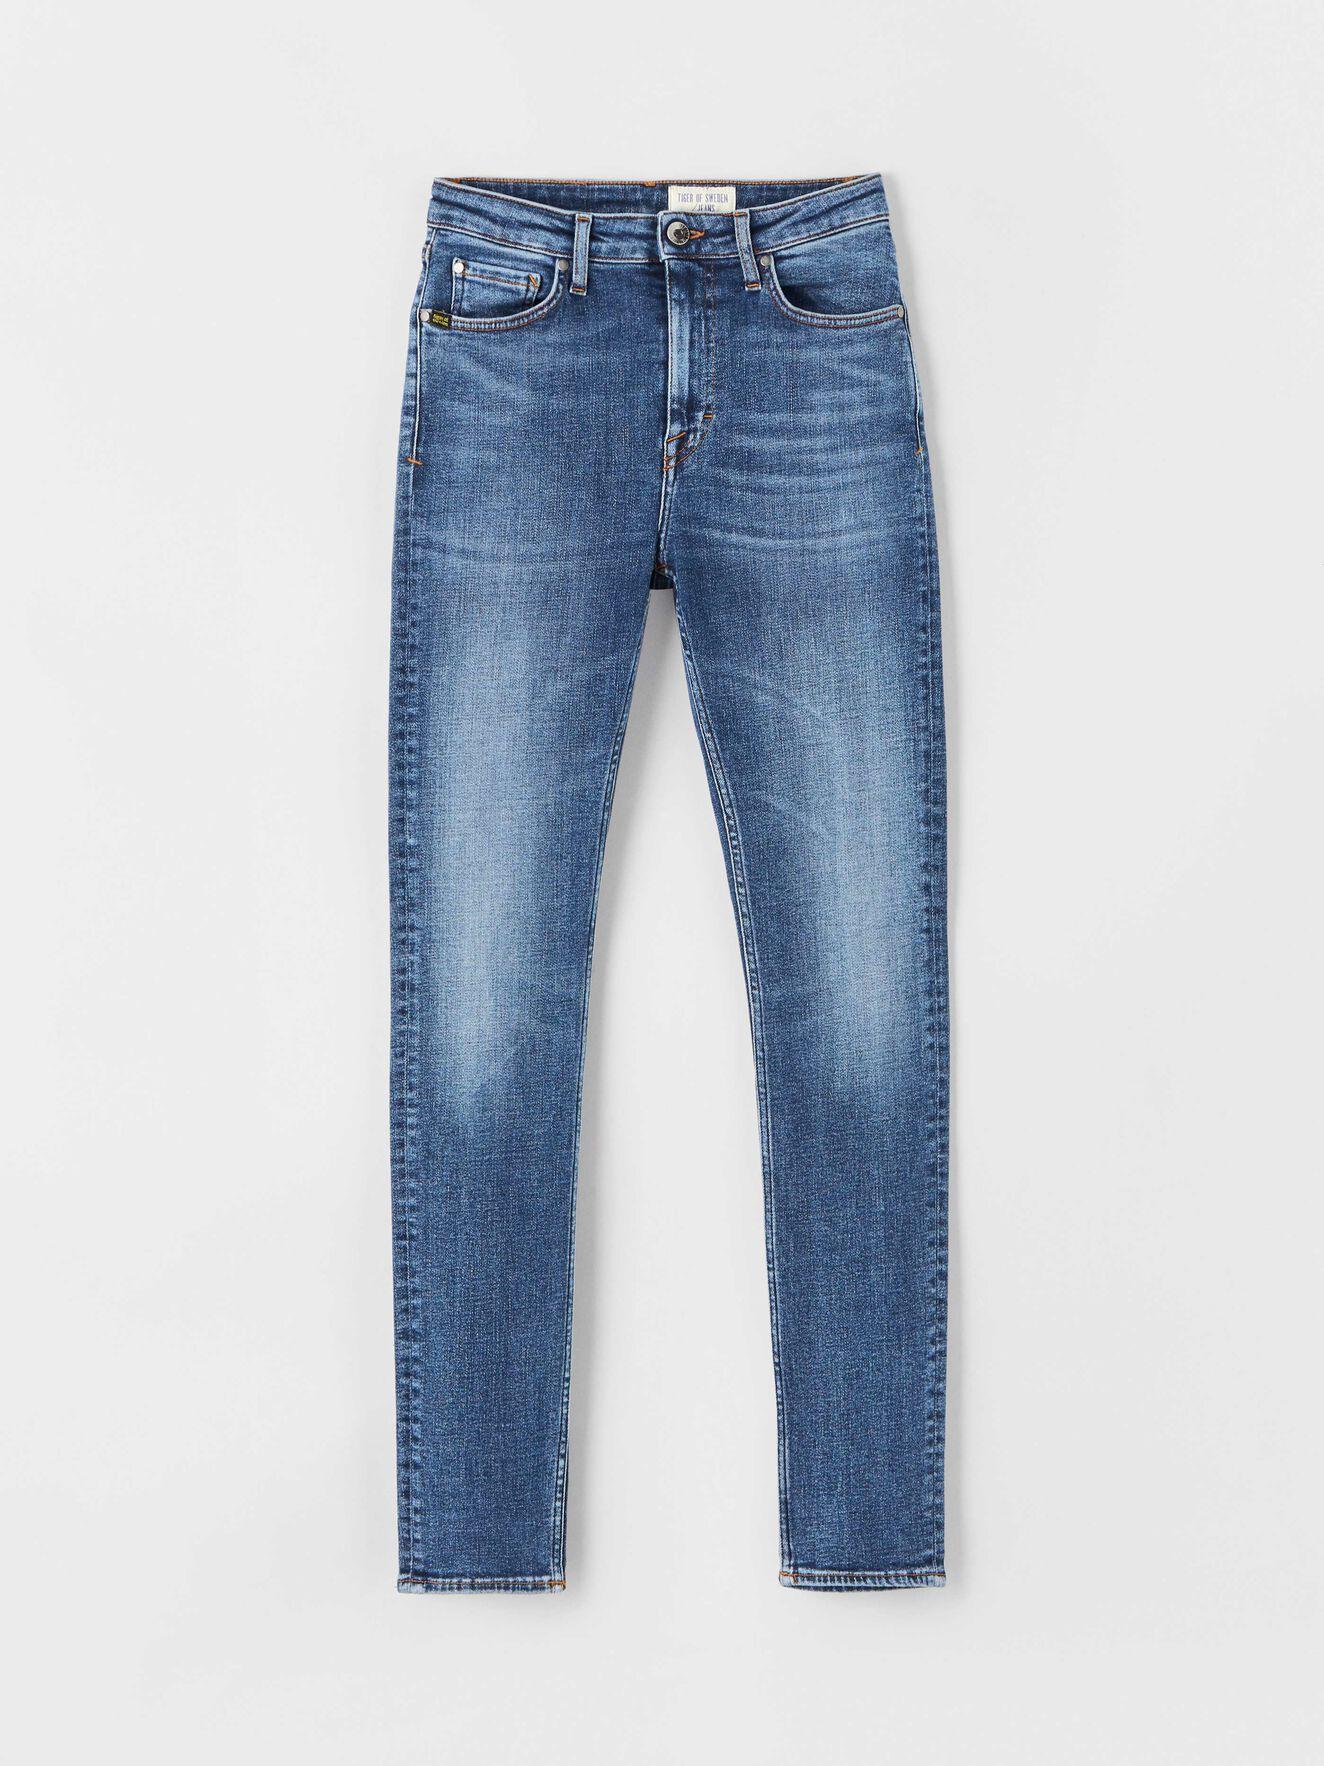 5d0787907bcb1d Jeans - Køb designerjeans til kvinder hos Tiger of Sweden